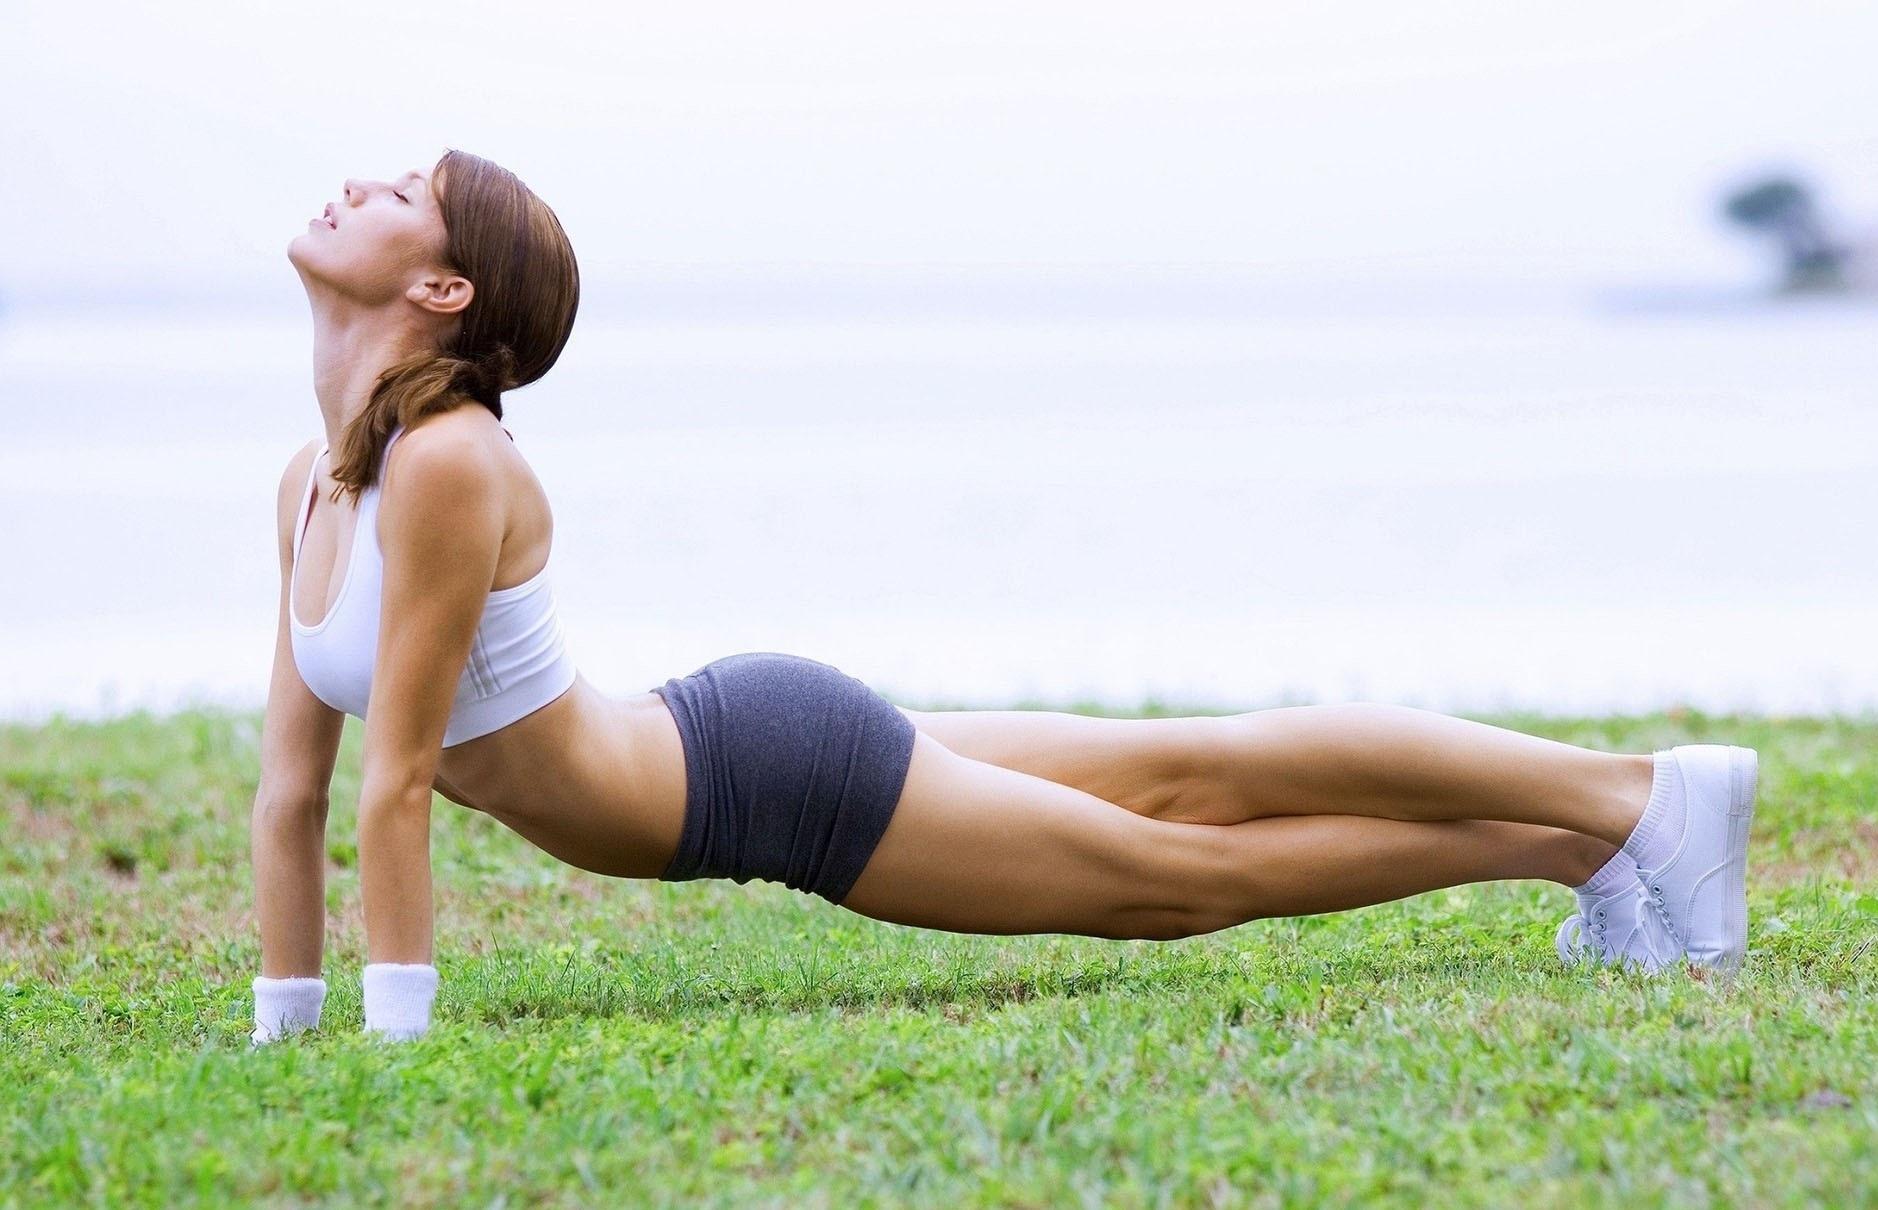 Похудение И Спорт Упражнения. Упражнения для быстрого похудения в домашних условиях